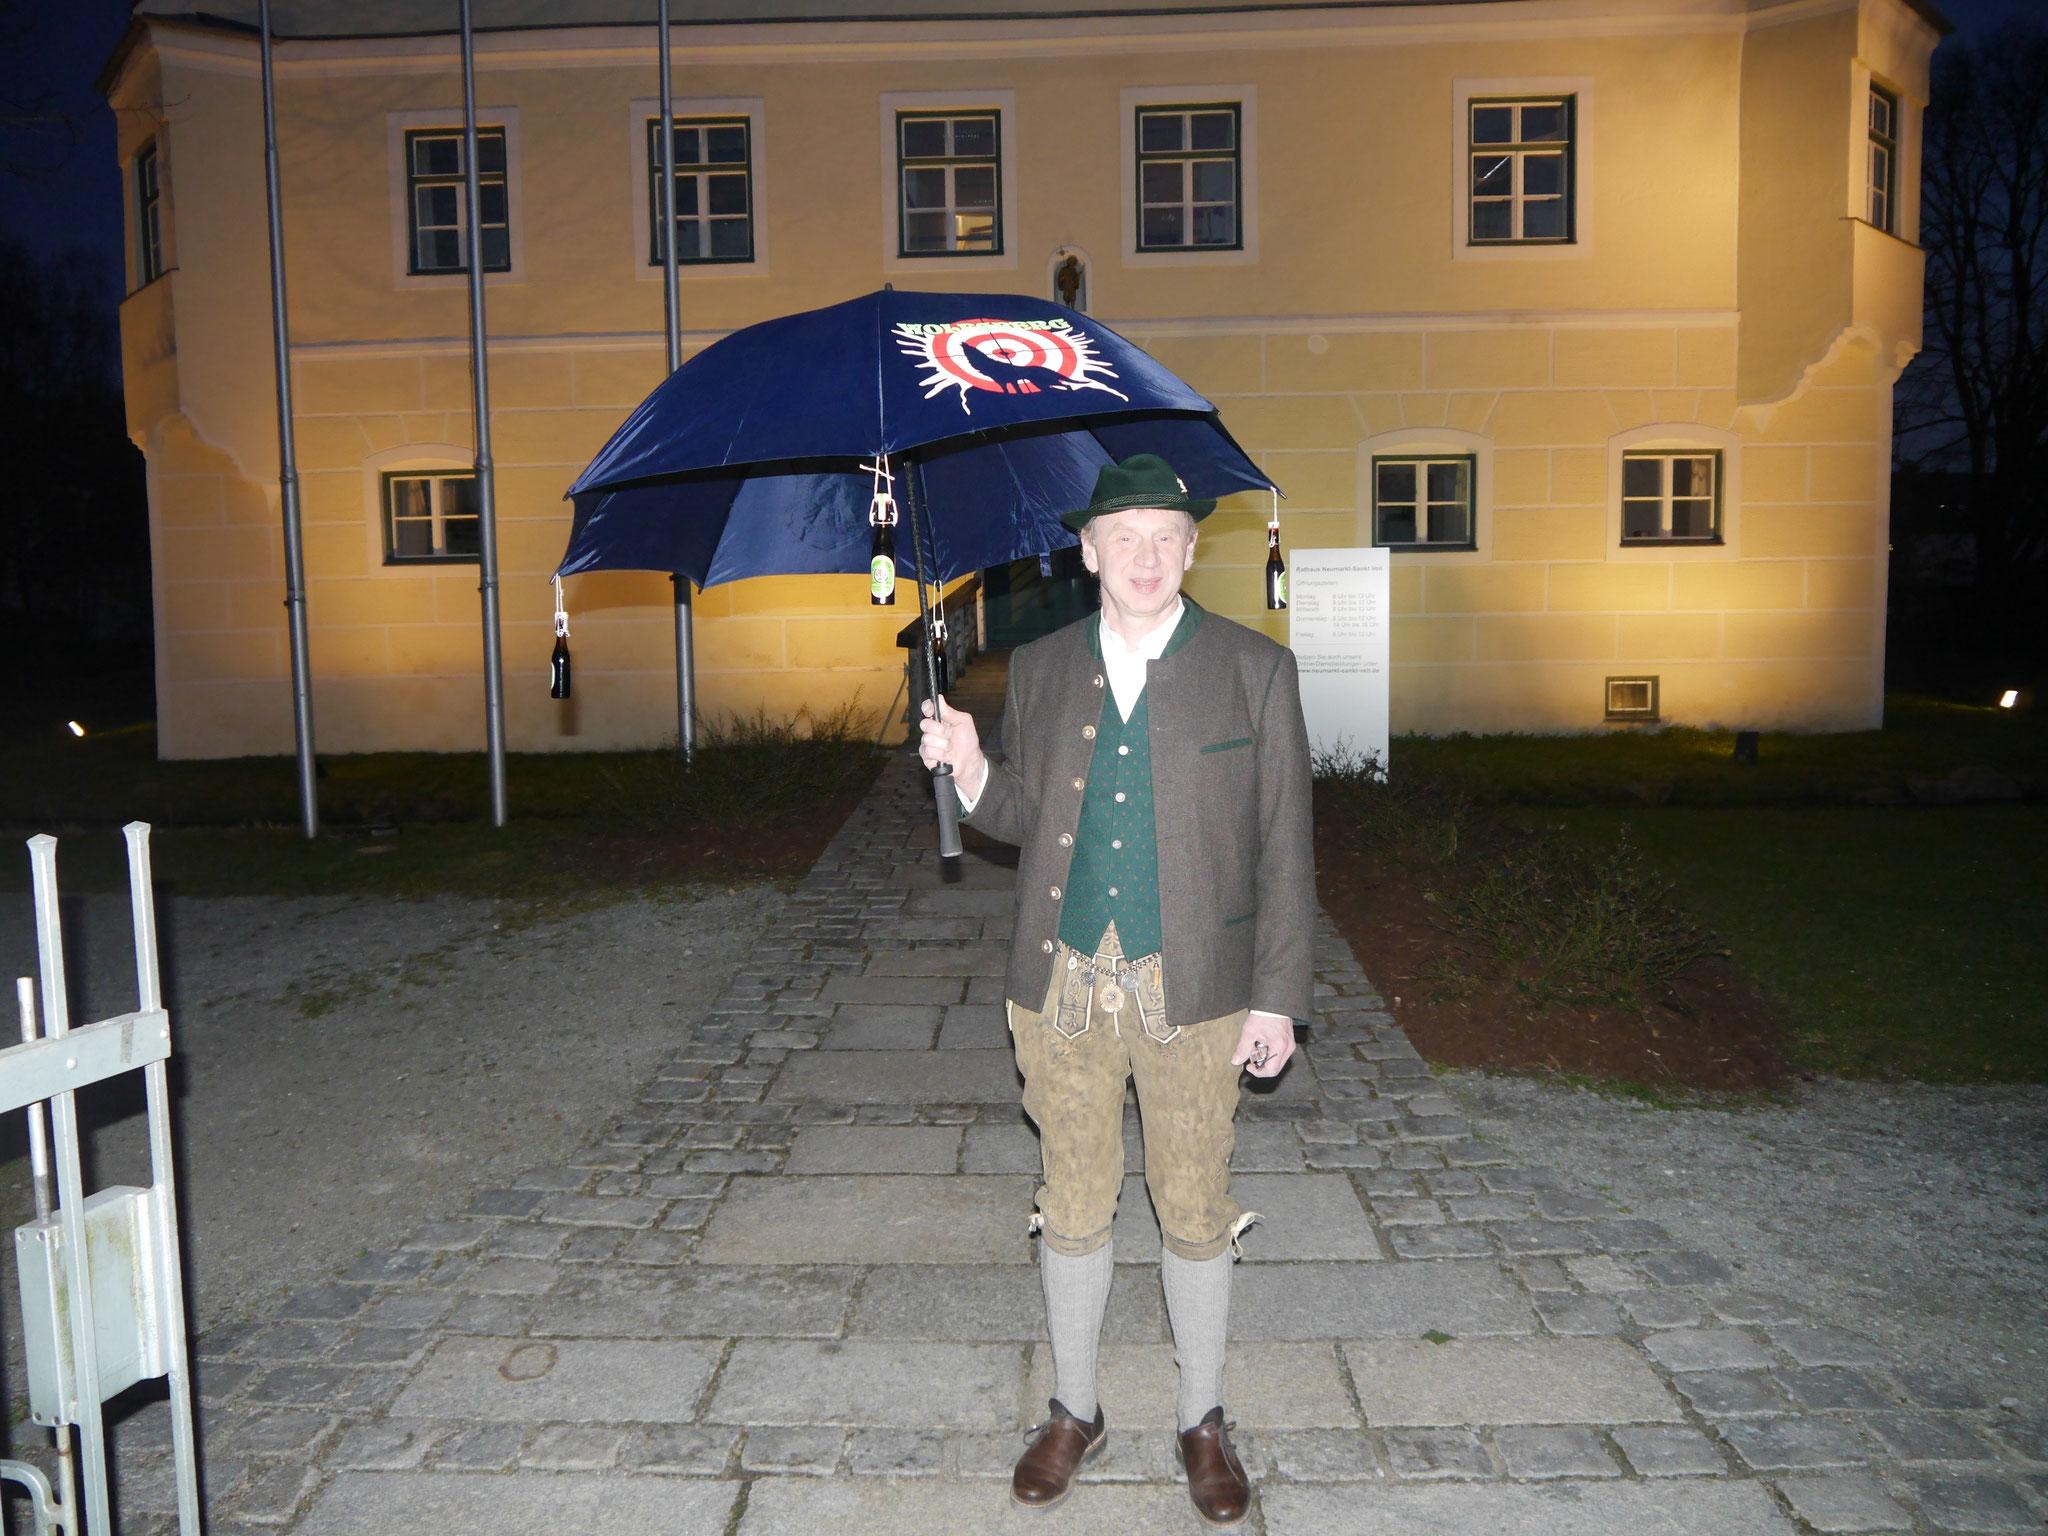 1. Vorstand Martin Huber mit unserem Schirm